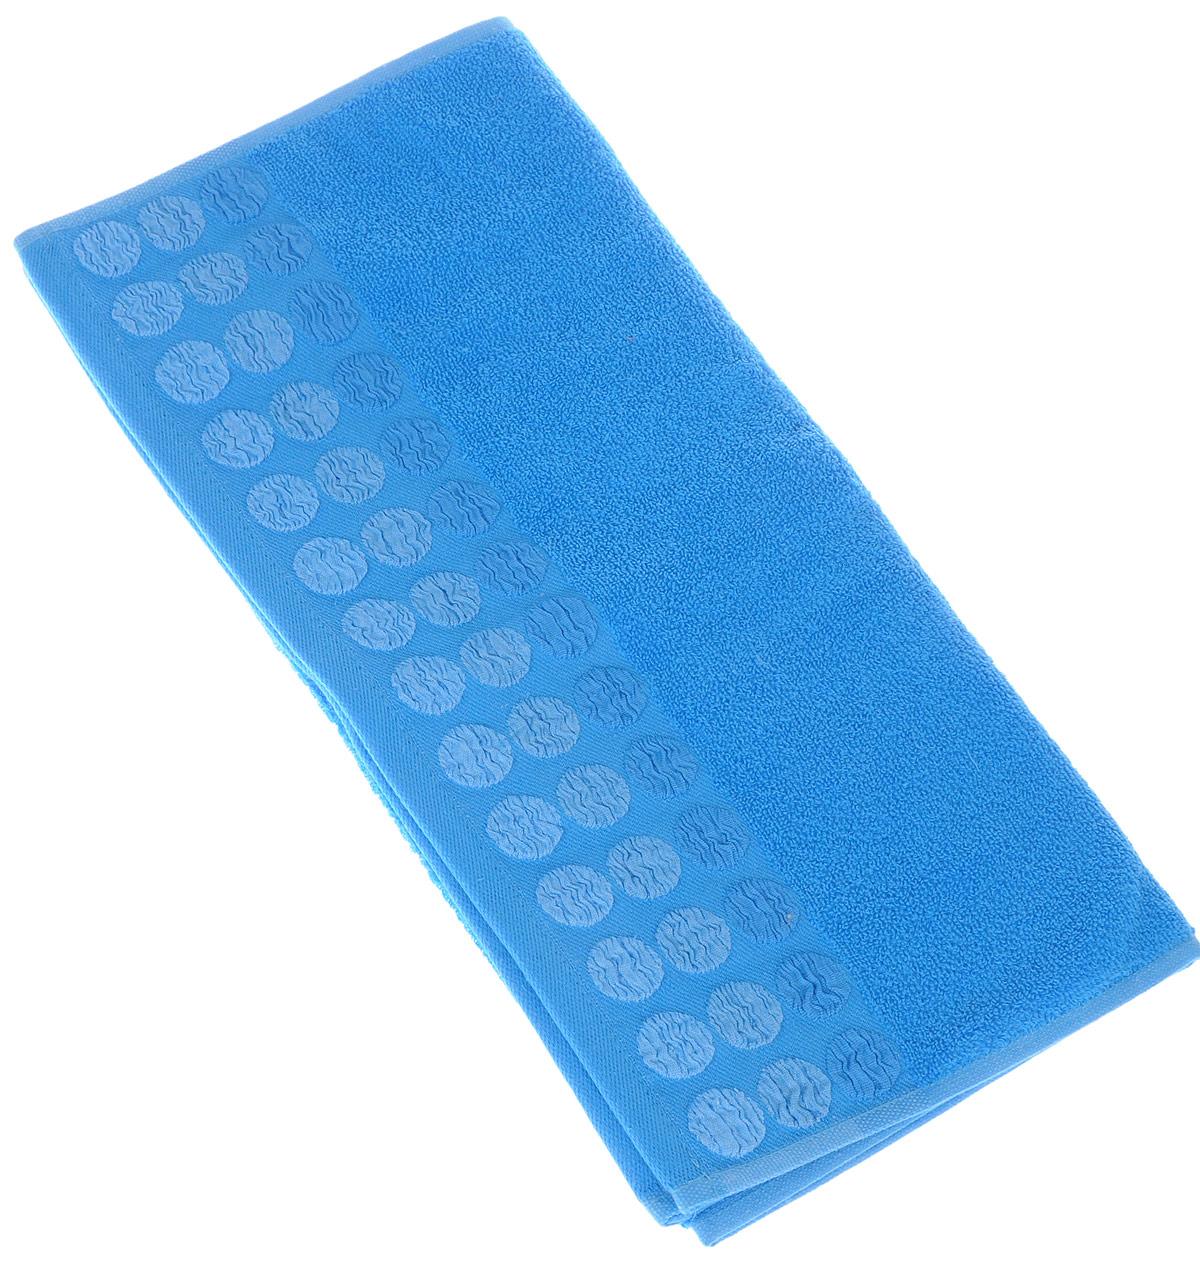 Полотенце Brielle Point, цвет: синий, 50 х 90 см1207Полотенце Brielle Point выполнено из 100% хлопка. Изделие очень мягкое, оно отлично впитывает влагу, быстро сохнет, сохраняет яркость цвета и не теряет формы даже после многократных стирок. Модель оформлена рисунком.Полотенце Brielle Point очень практично и неприхотливо в уходе. Такое полотенце послужит приятным подарком.